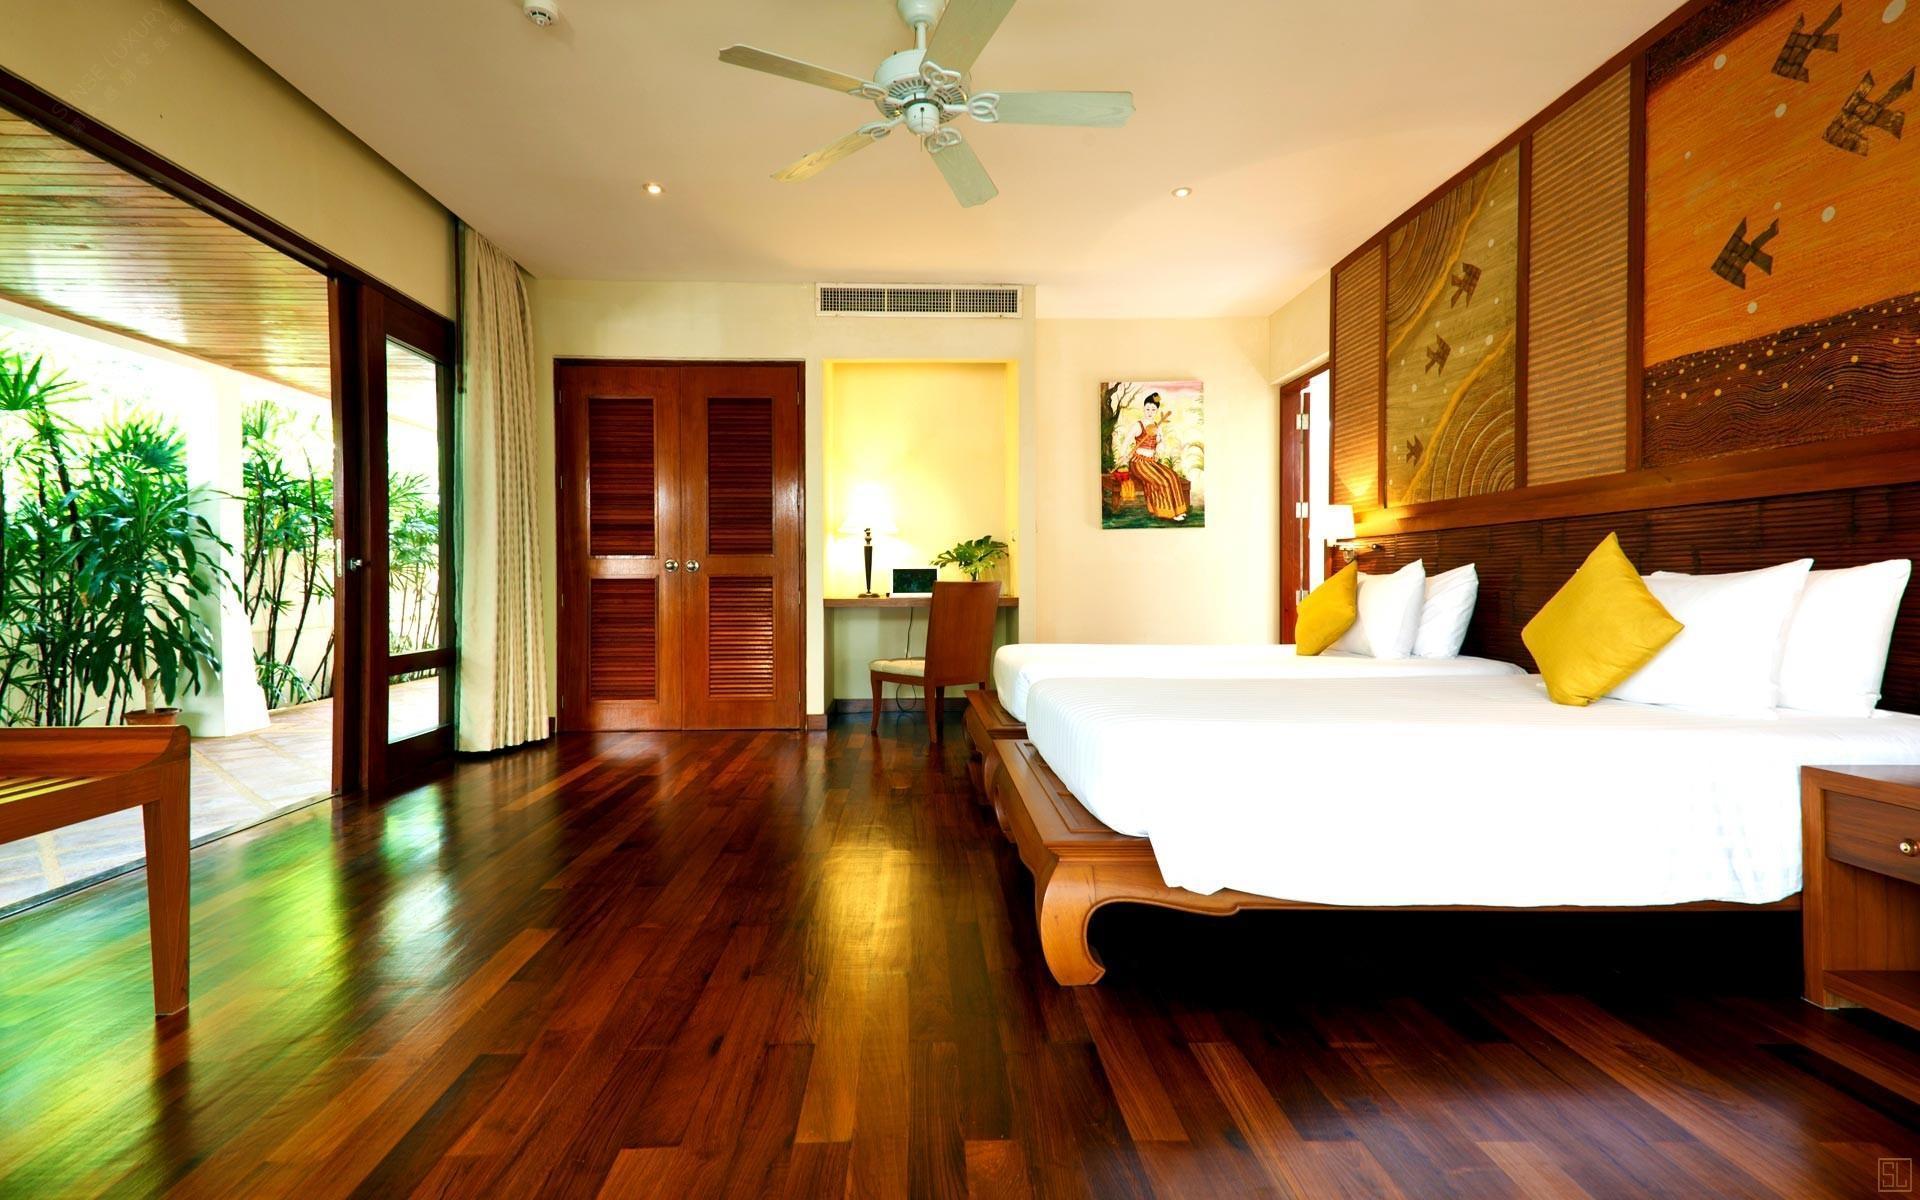 泰国苏梅岛密斯卡湾九重葛别墅卧室